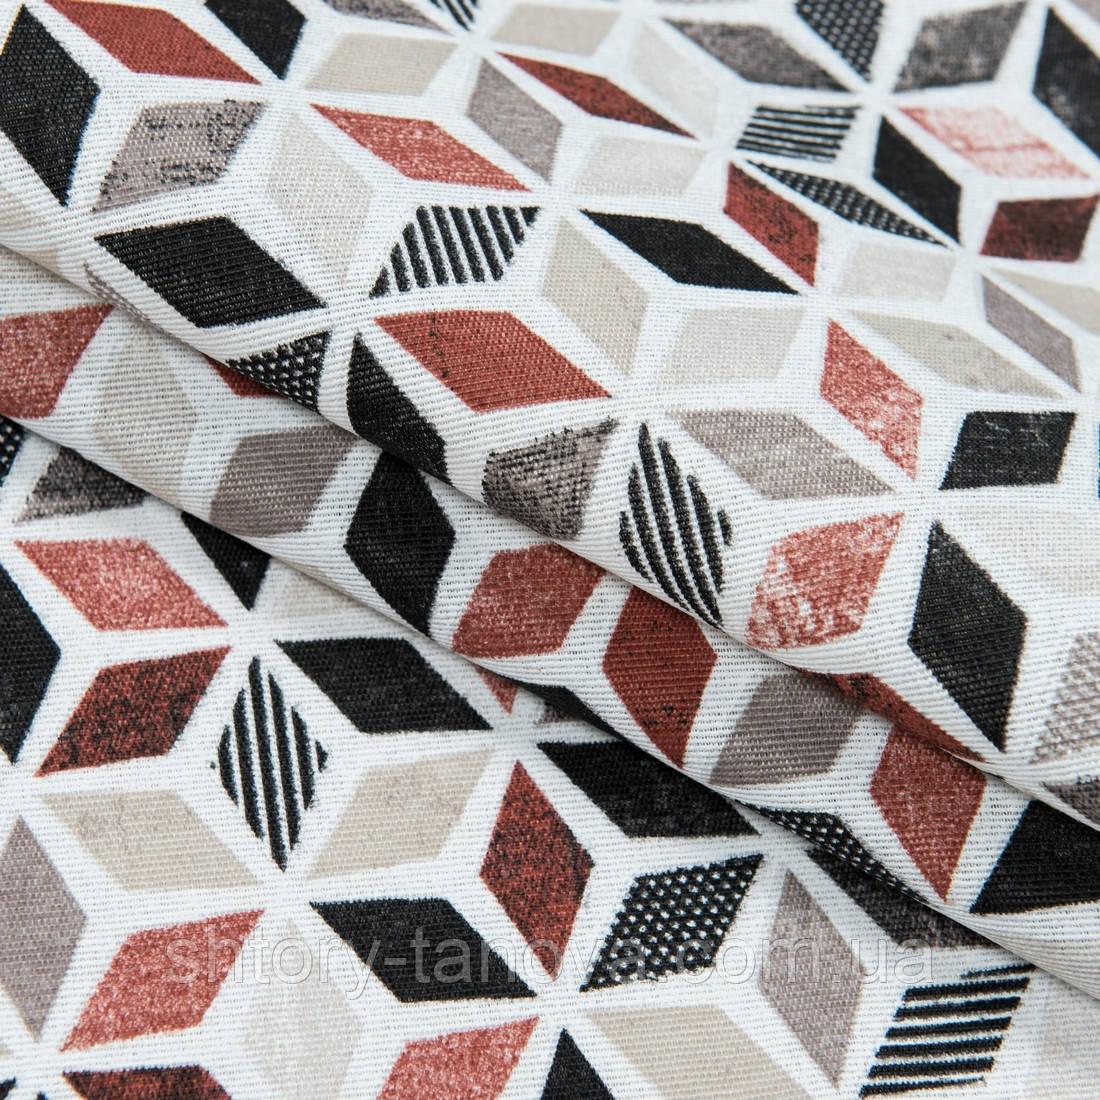 Декоративная ткань абстракция коричнево-бурый,черный,беж